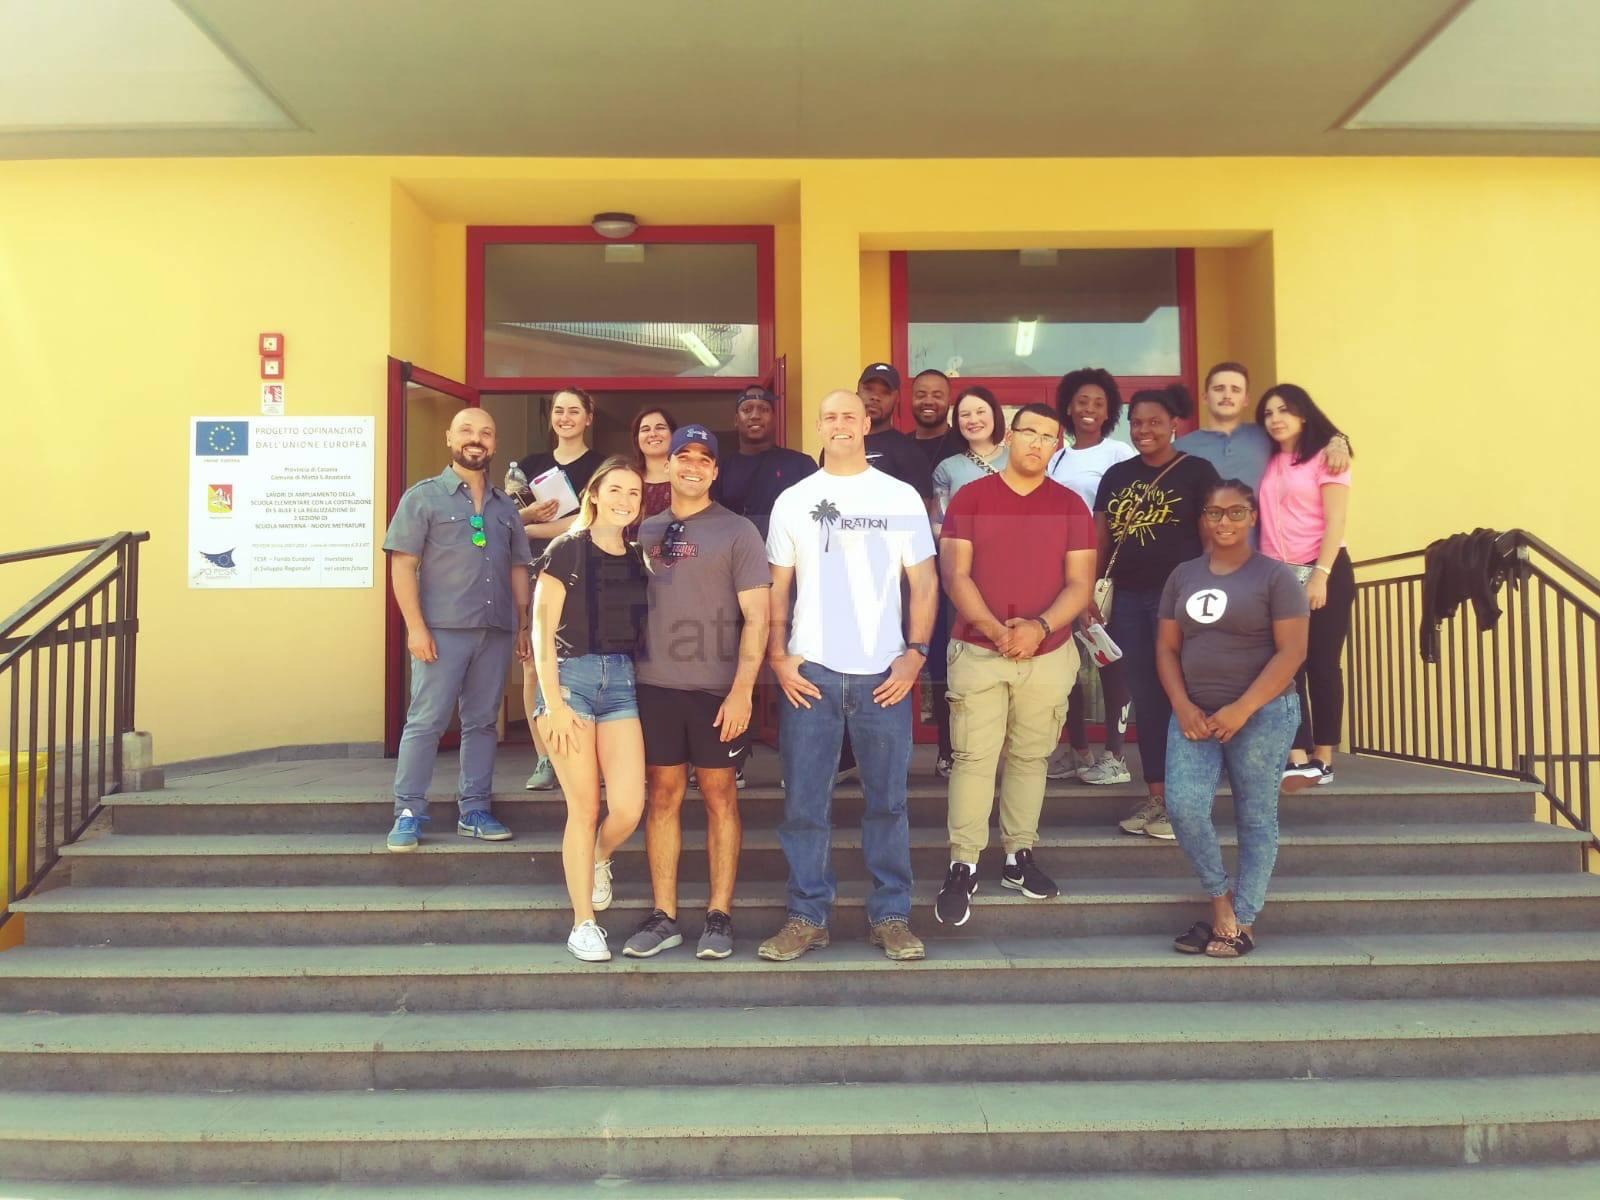 Scambio interculturale alla scuola di Motta con i militari americani di Sigonella